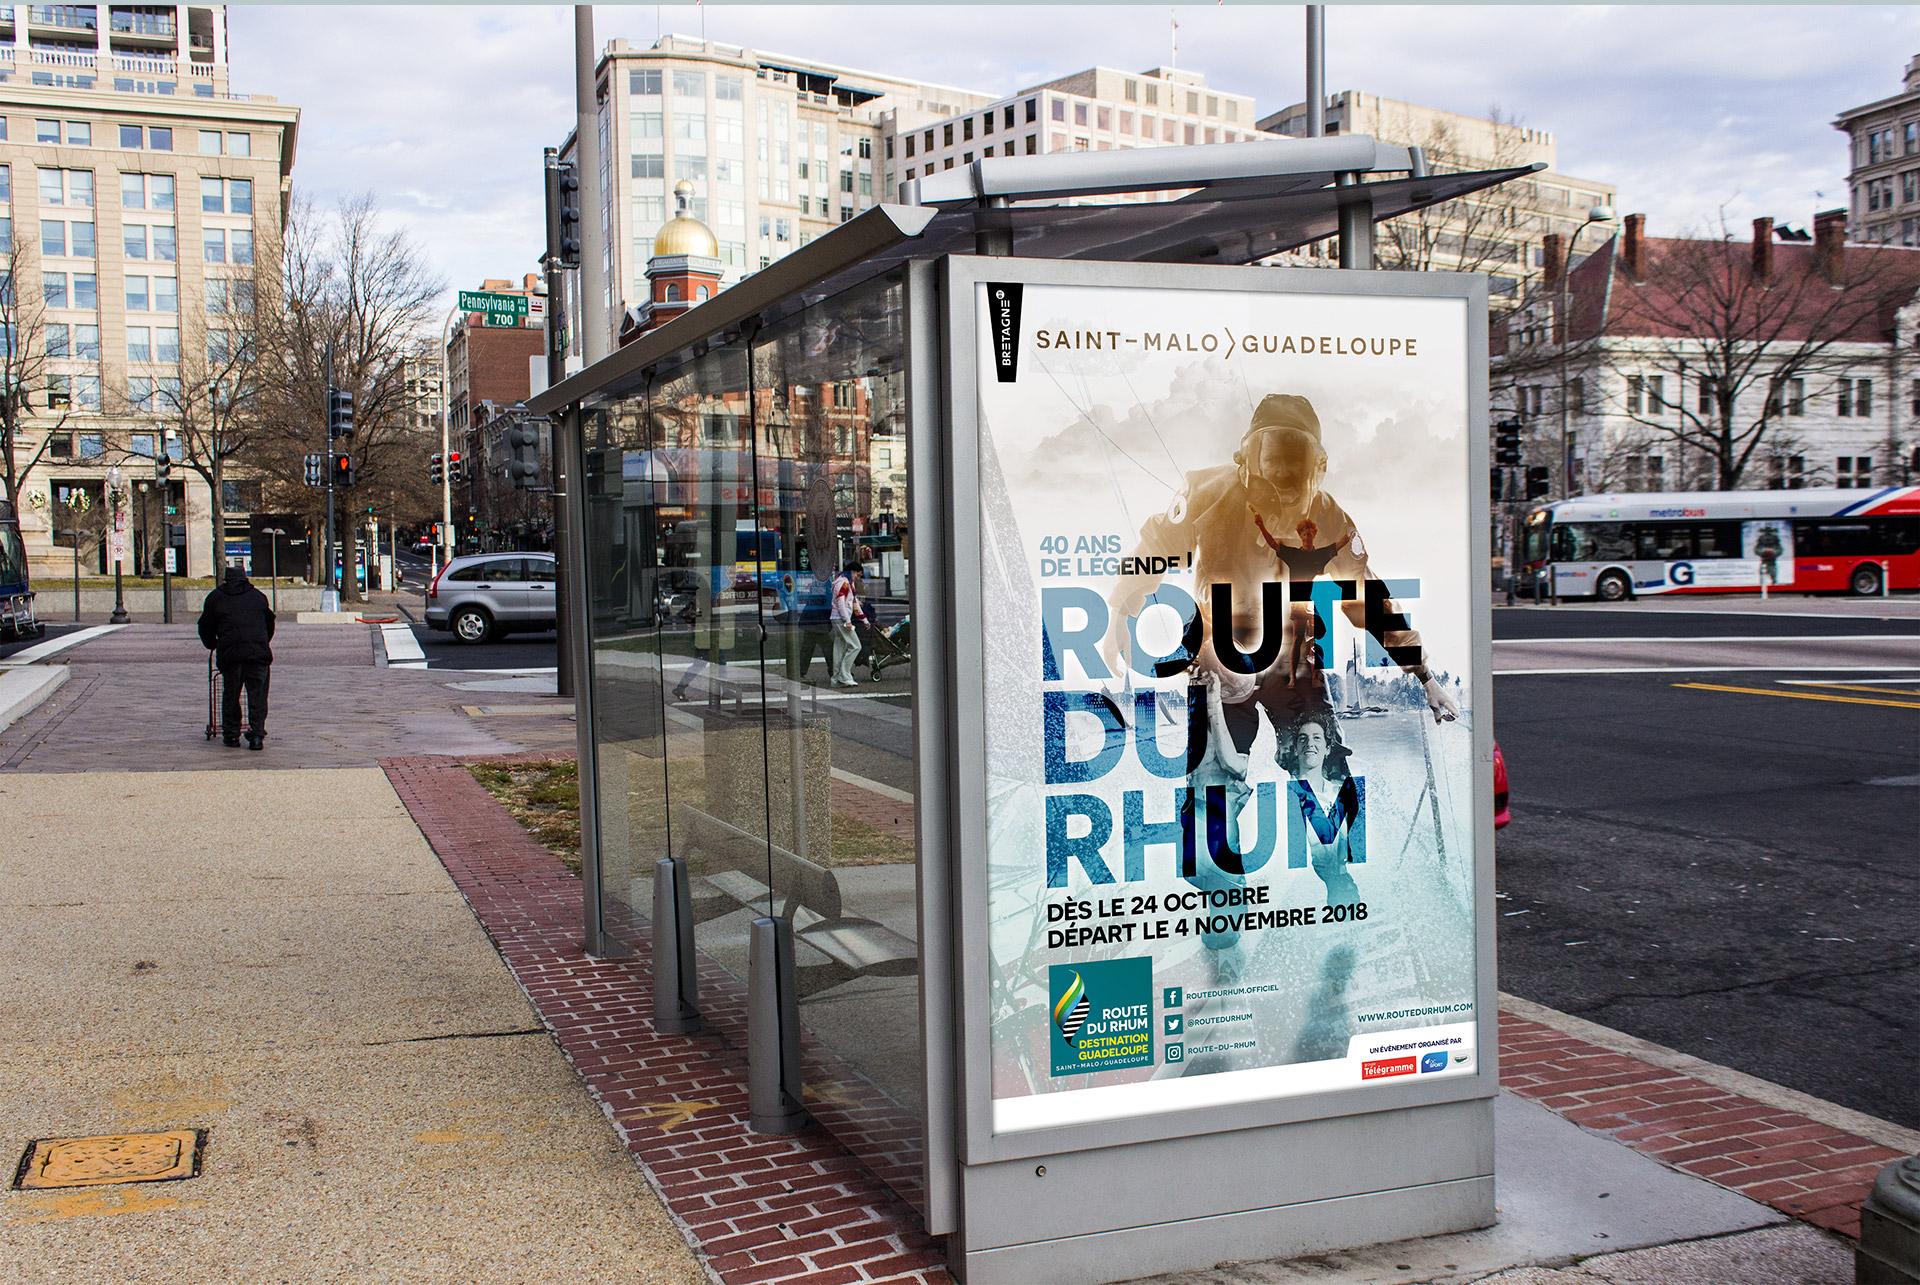 Affiche Abribus de la Route du Rhum 2018 (2ème de l'appel d'offre) - agence logo